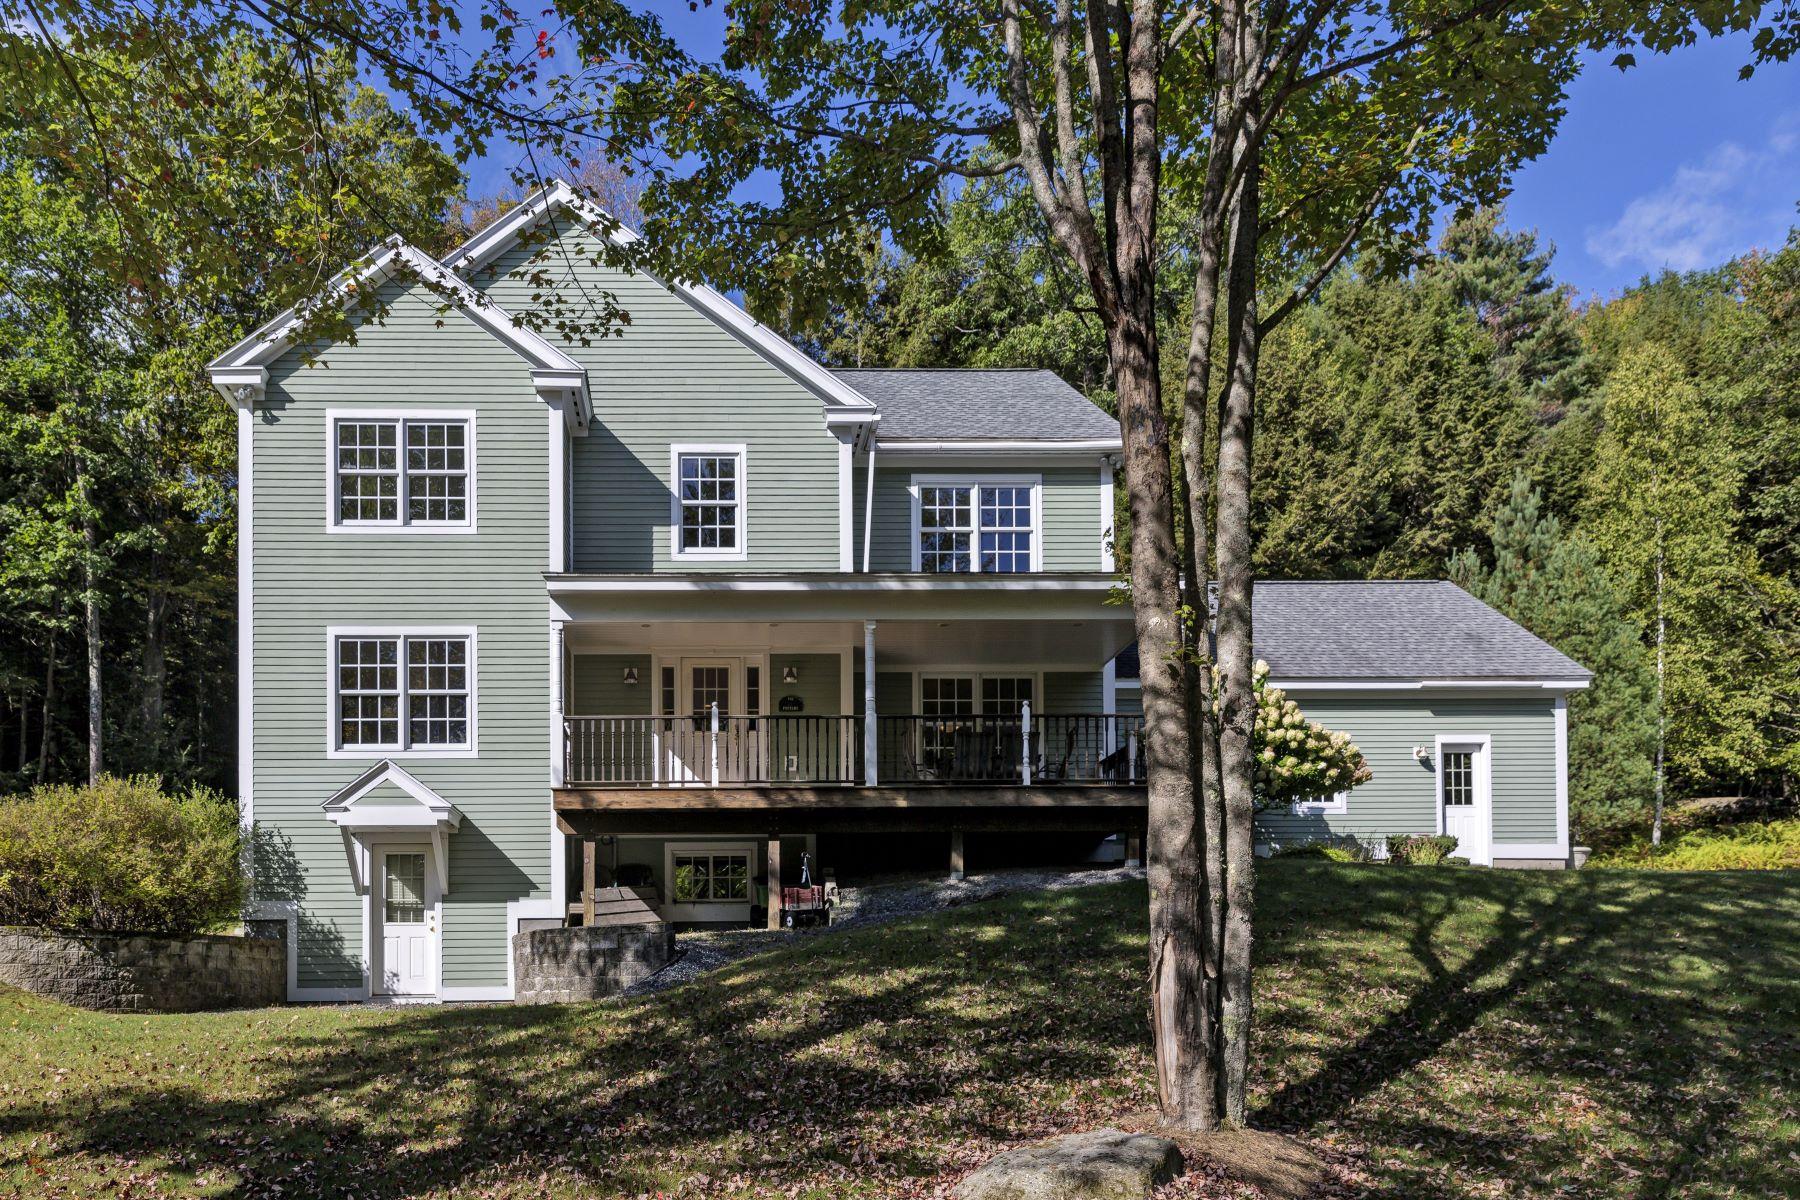 独户住宅 为 销售 在 73 Doc Hardy, Norwich 诺维奇, 佛蒙特州, 05055 美国